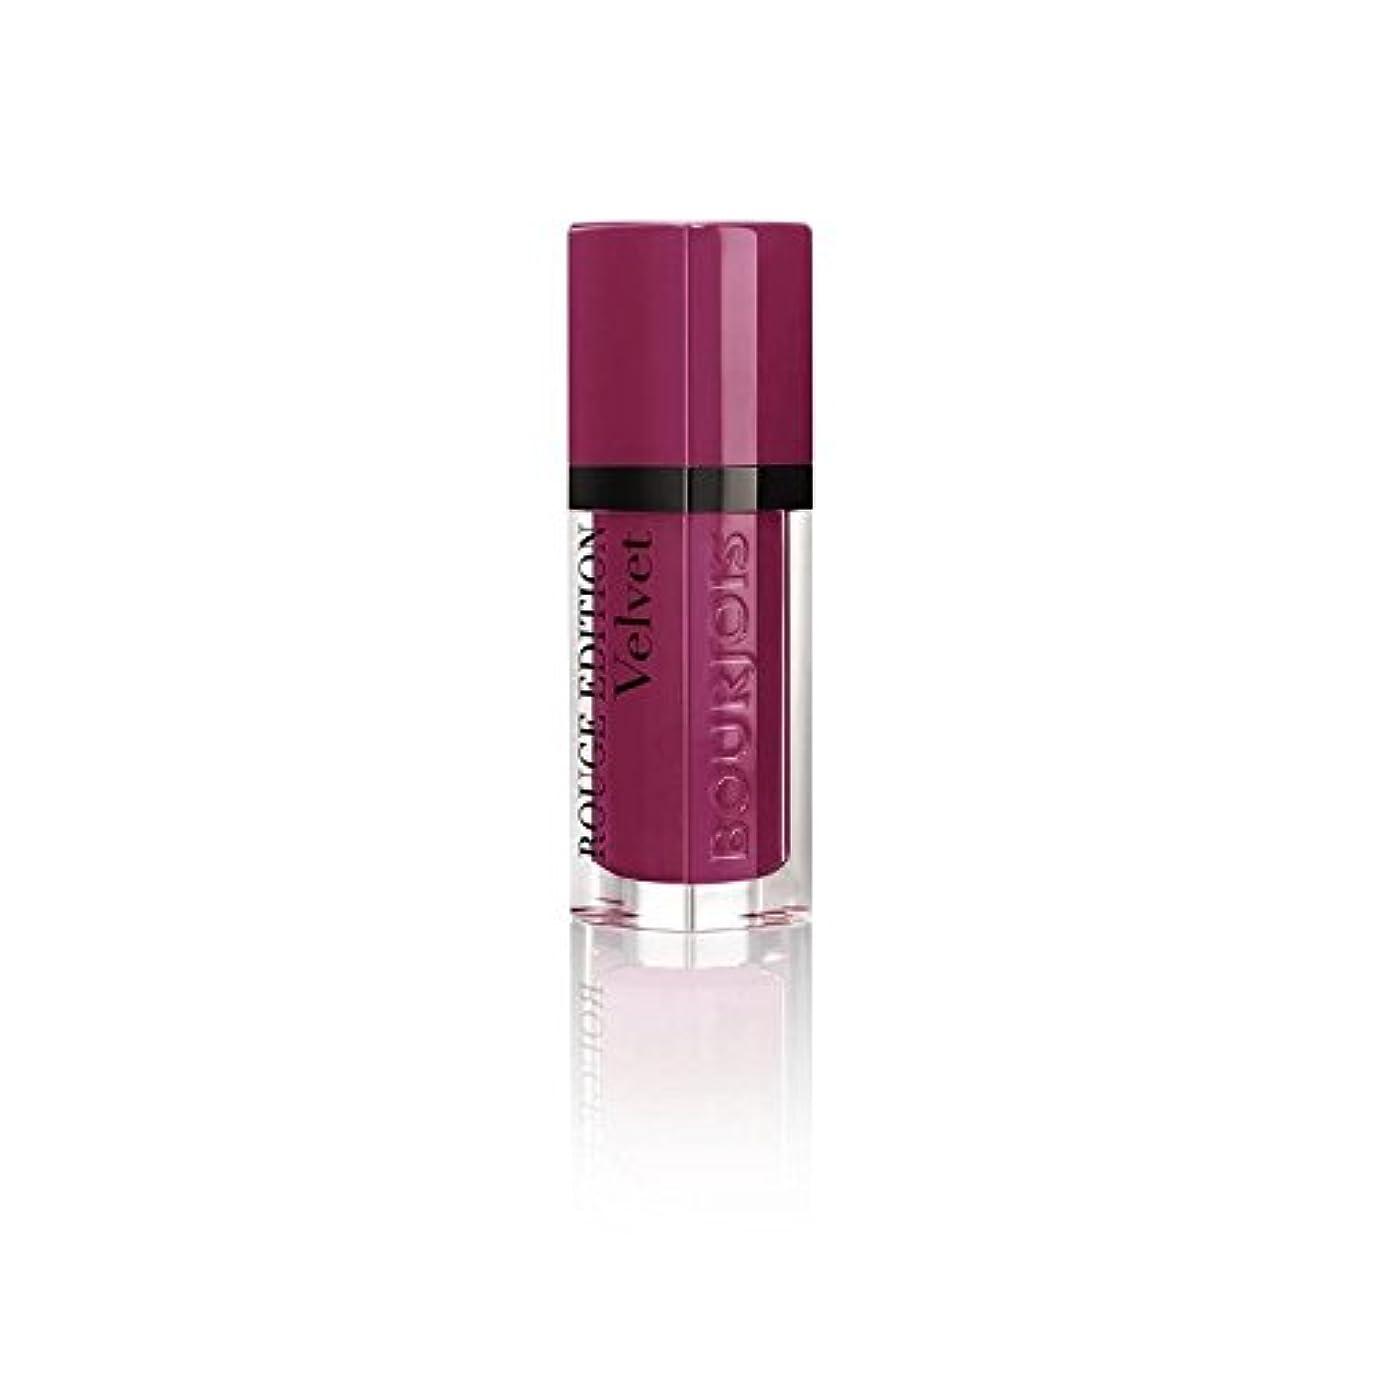 破壊的なよろしく言語学ルージュ版のベルベットの口紅、梅梅の女の子の8ミリリットル (Bourjois) - Bourjois Rouge Edition Velvet Lipstick, Plum Plum Girl 8ml [並行輸入品]